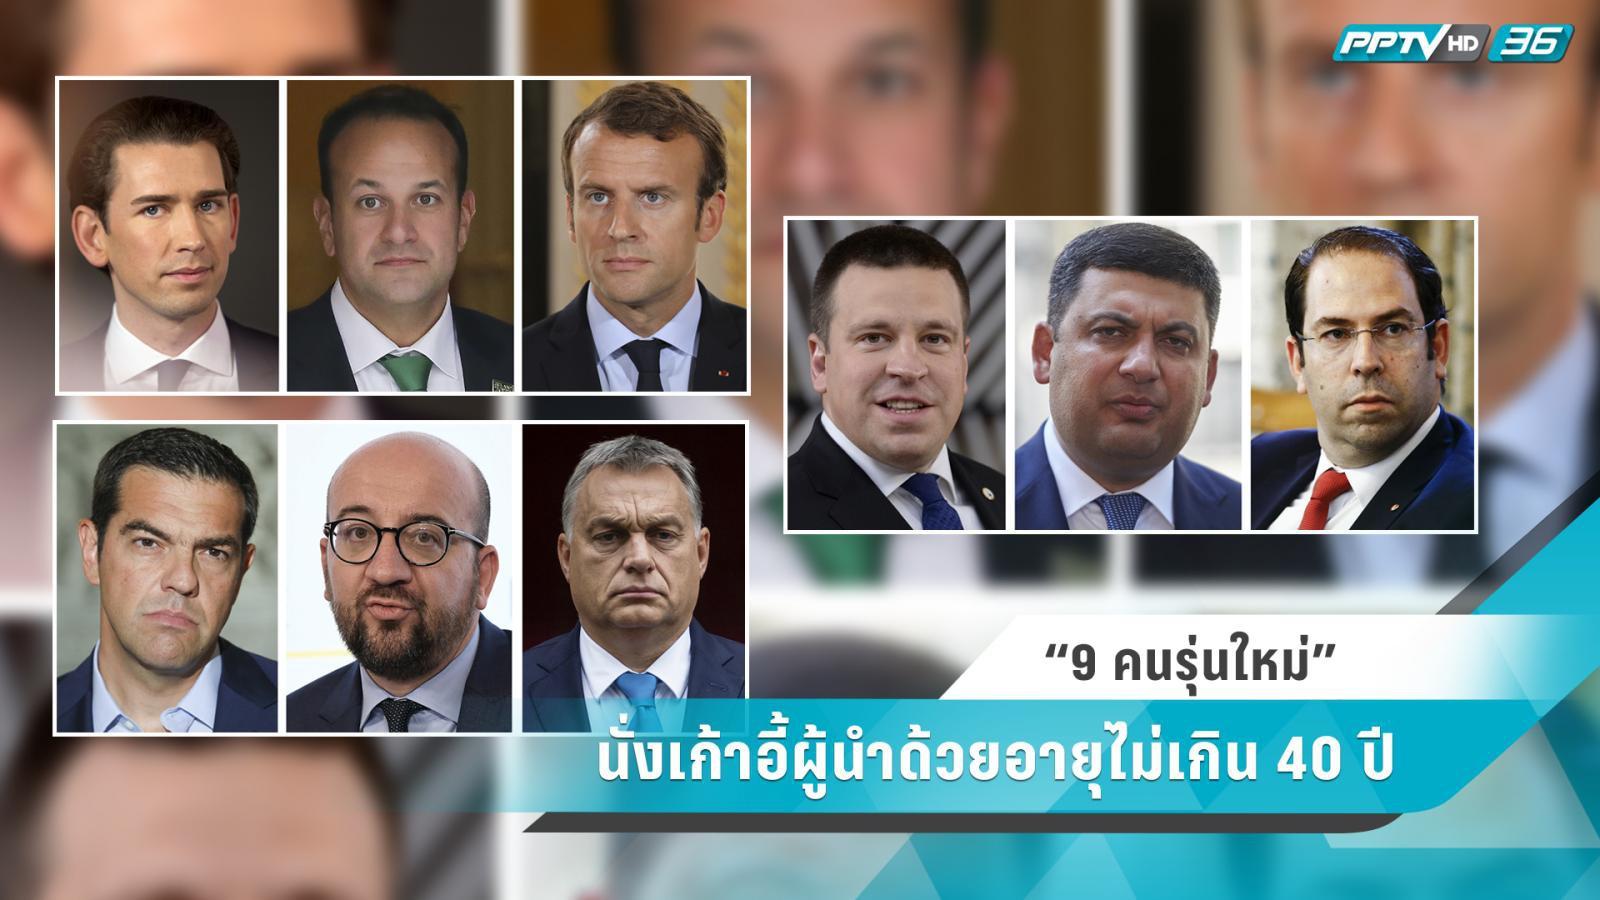 9 คนรุ่นใหม่ที่นั่งเก้าอี้ผู้นำด้วยอายุไม่เกิน 40 ปี